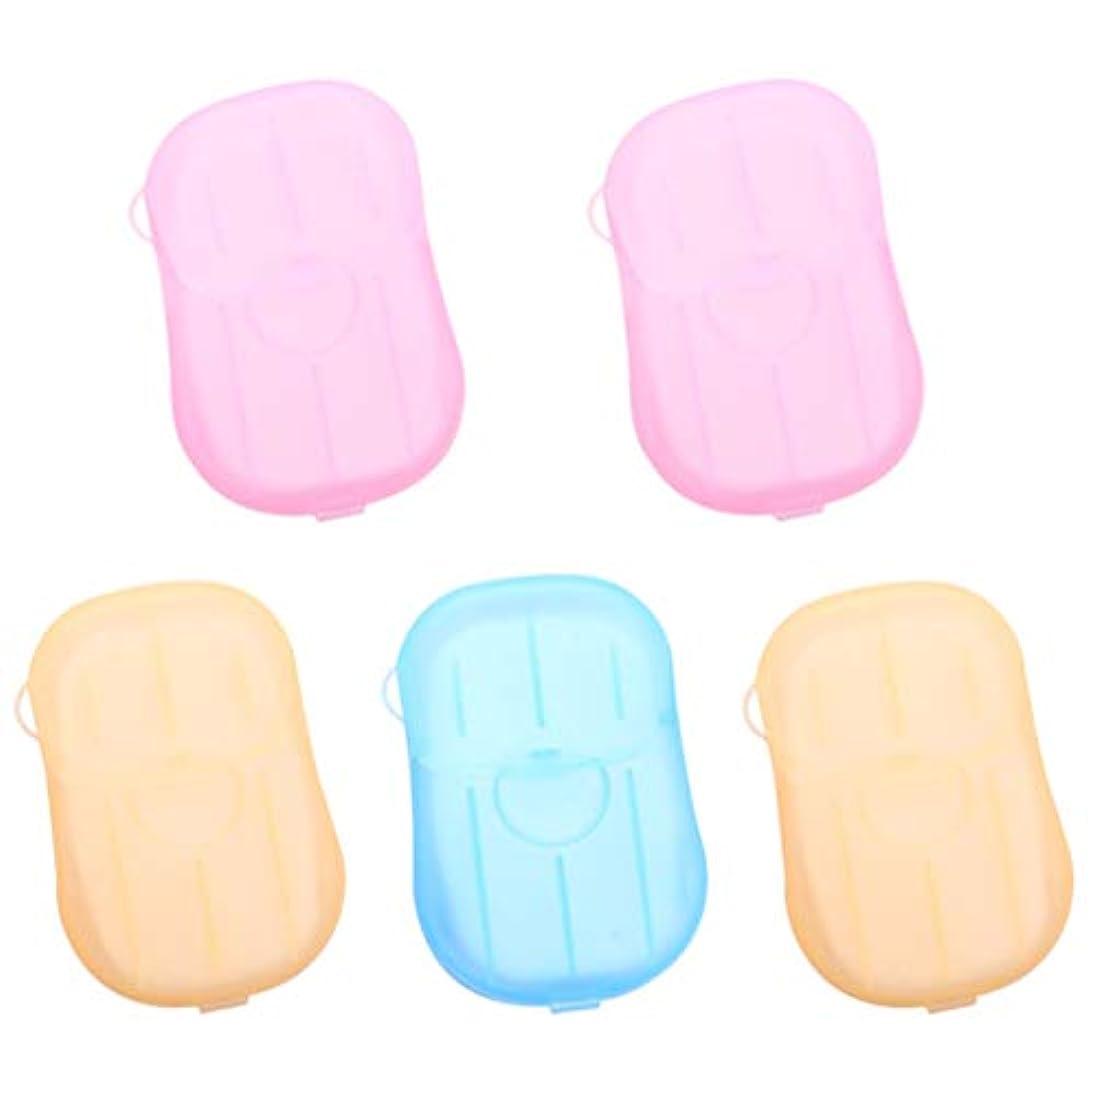 バーター一月繁殖HEALLILY 使い捨て石鹸シート10枚の石鹸紙フレークハンドソープトラベルソープシートを洗う旅行用ホームバスルームアクセサリー(2 *青+ 4 *ピンク+ 4 *黄色)